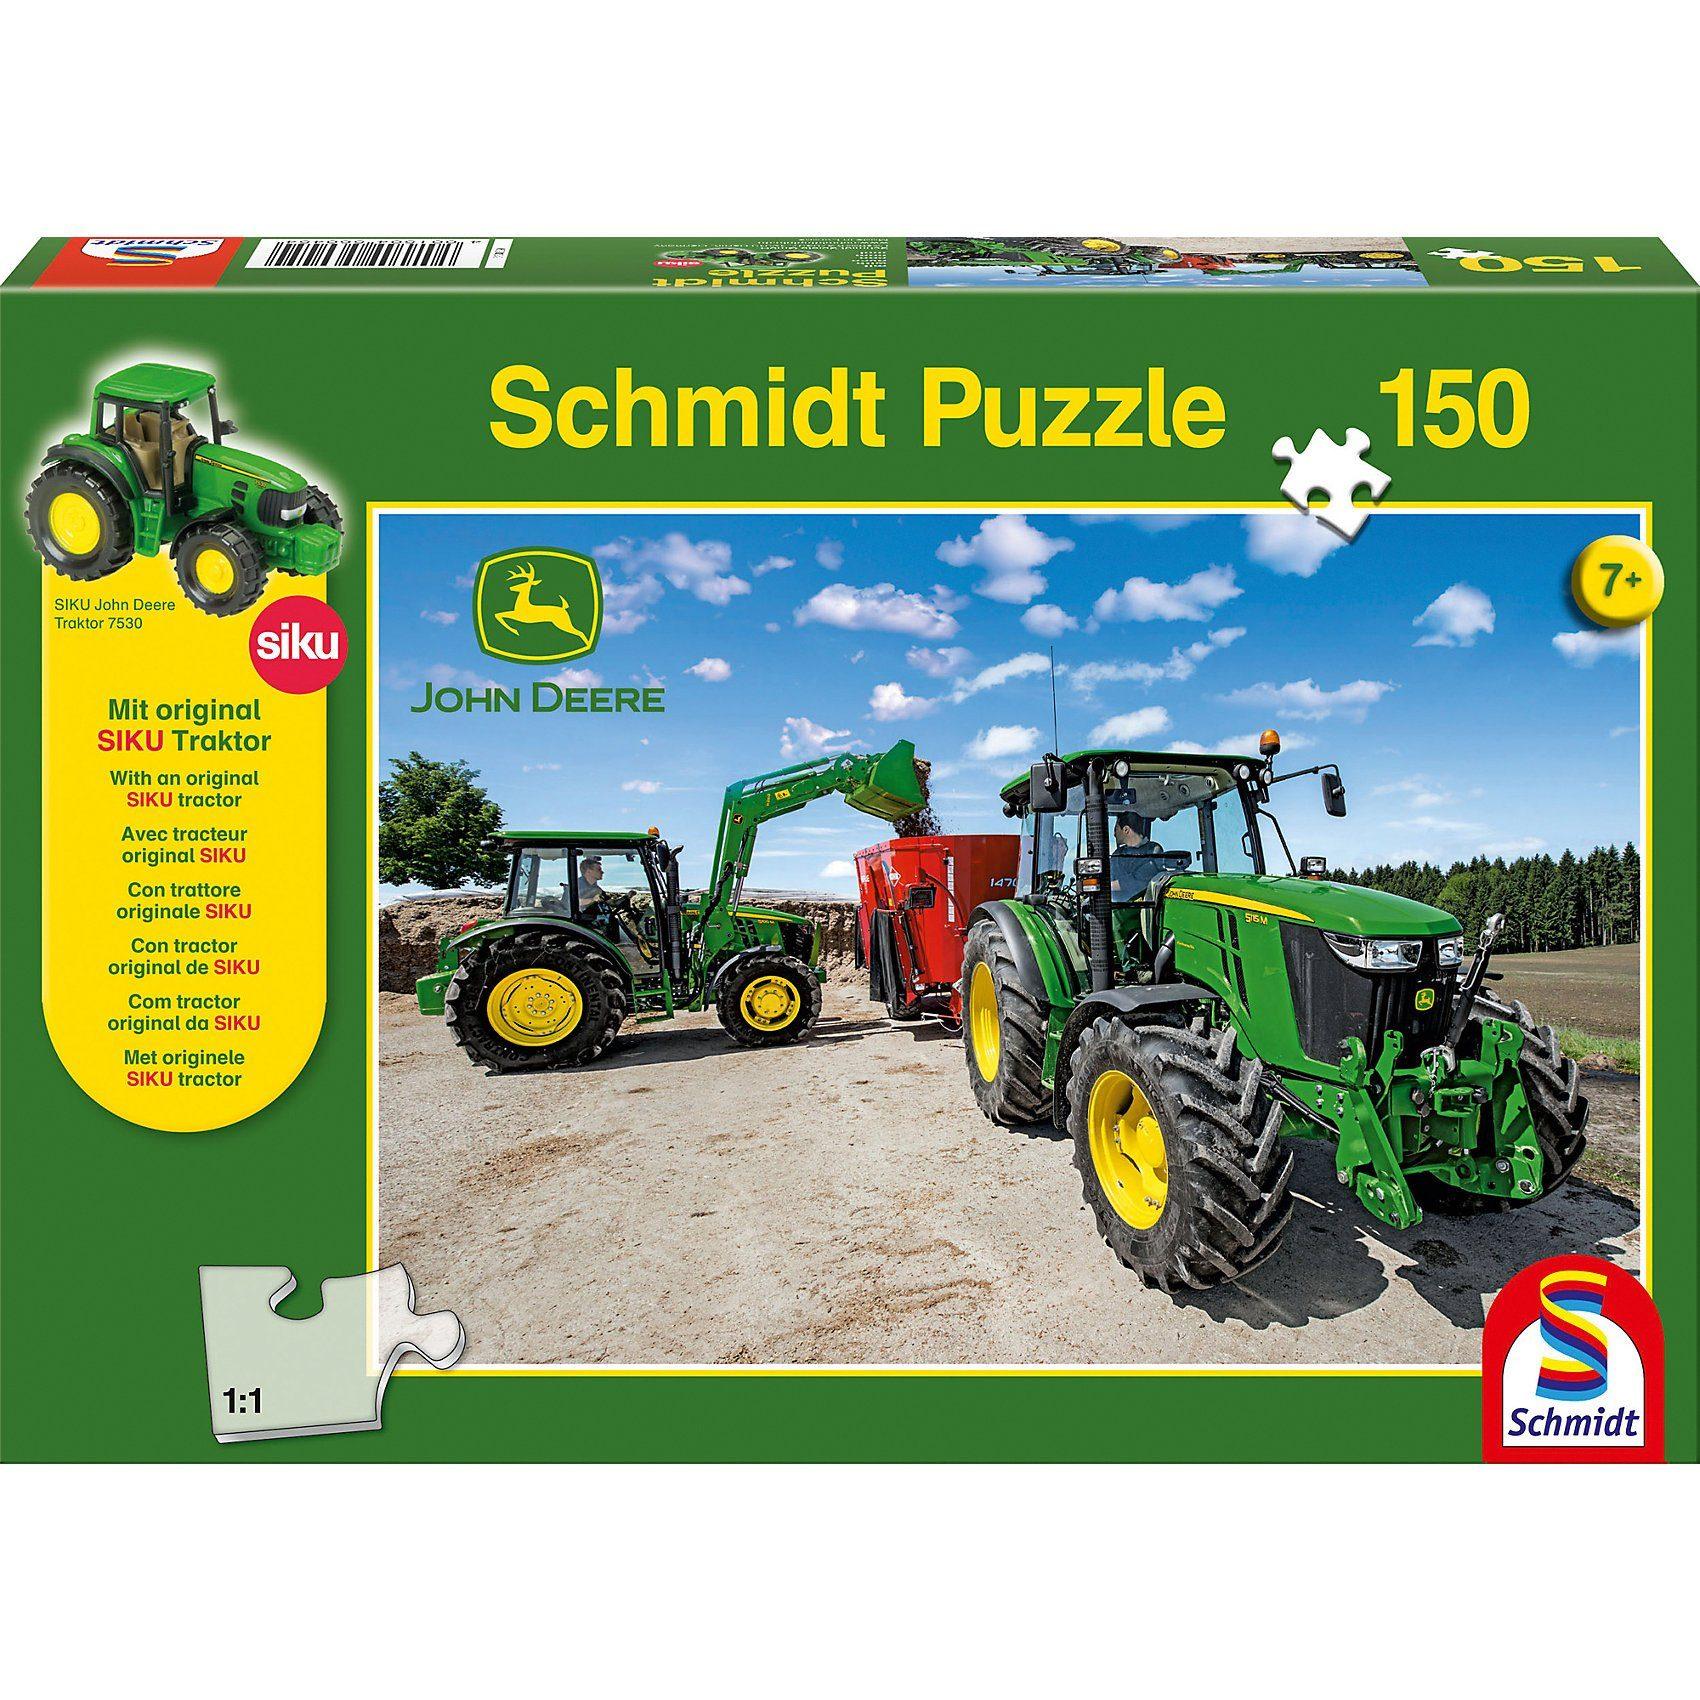 Schmidt Spiele Puzzle John Deere Traktoren der 5M Serie 150 Teile + SIKU Tr